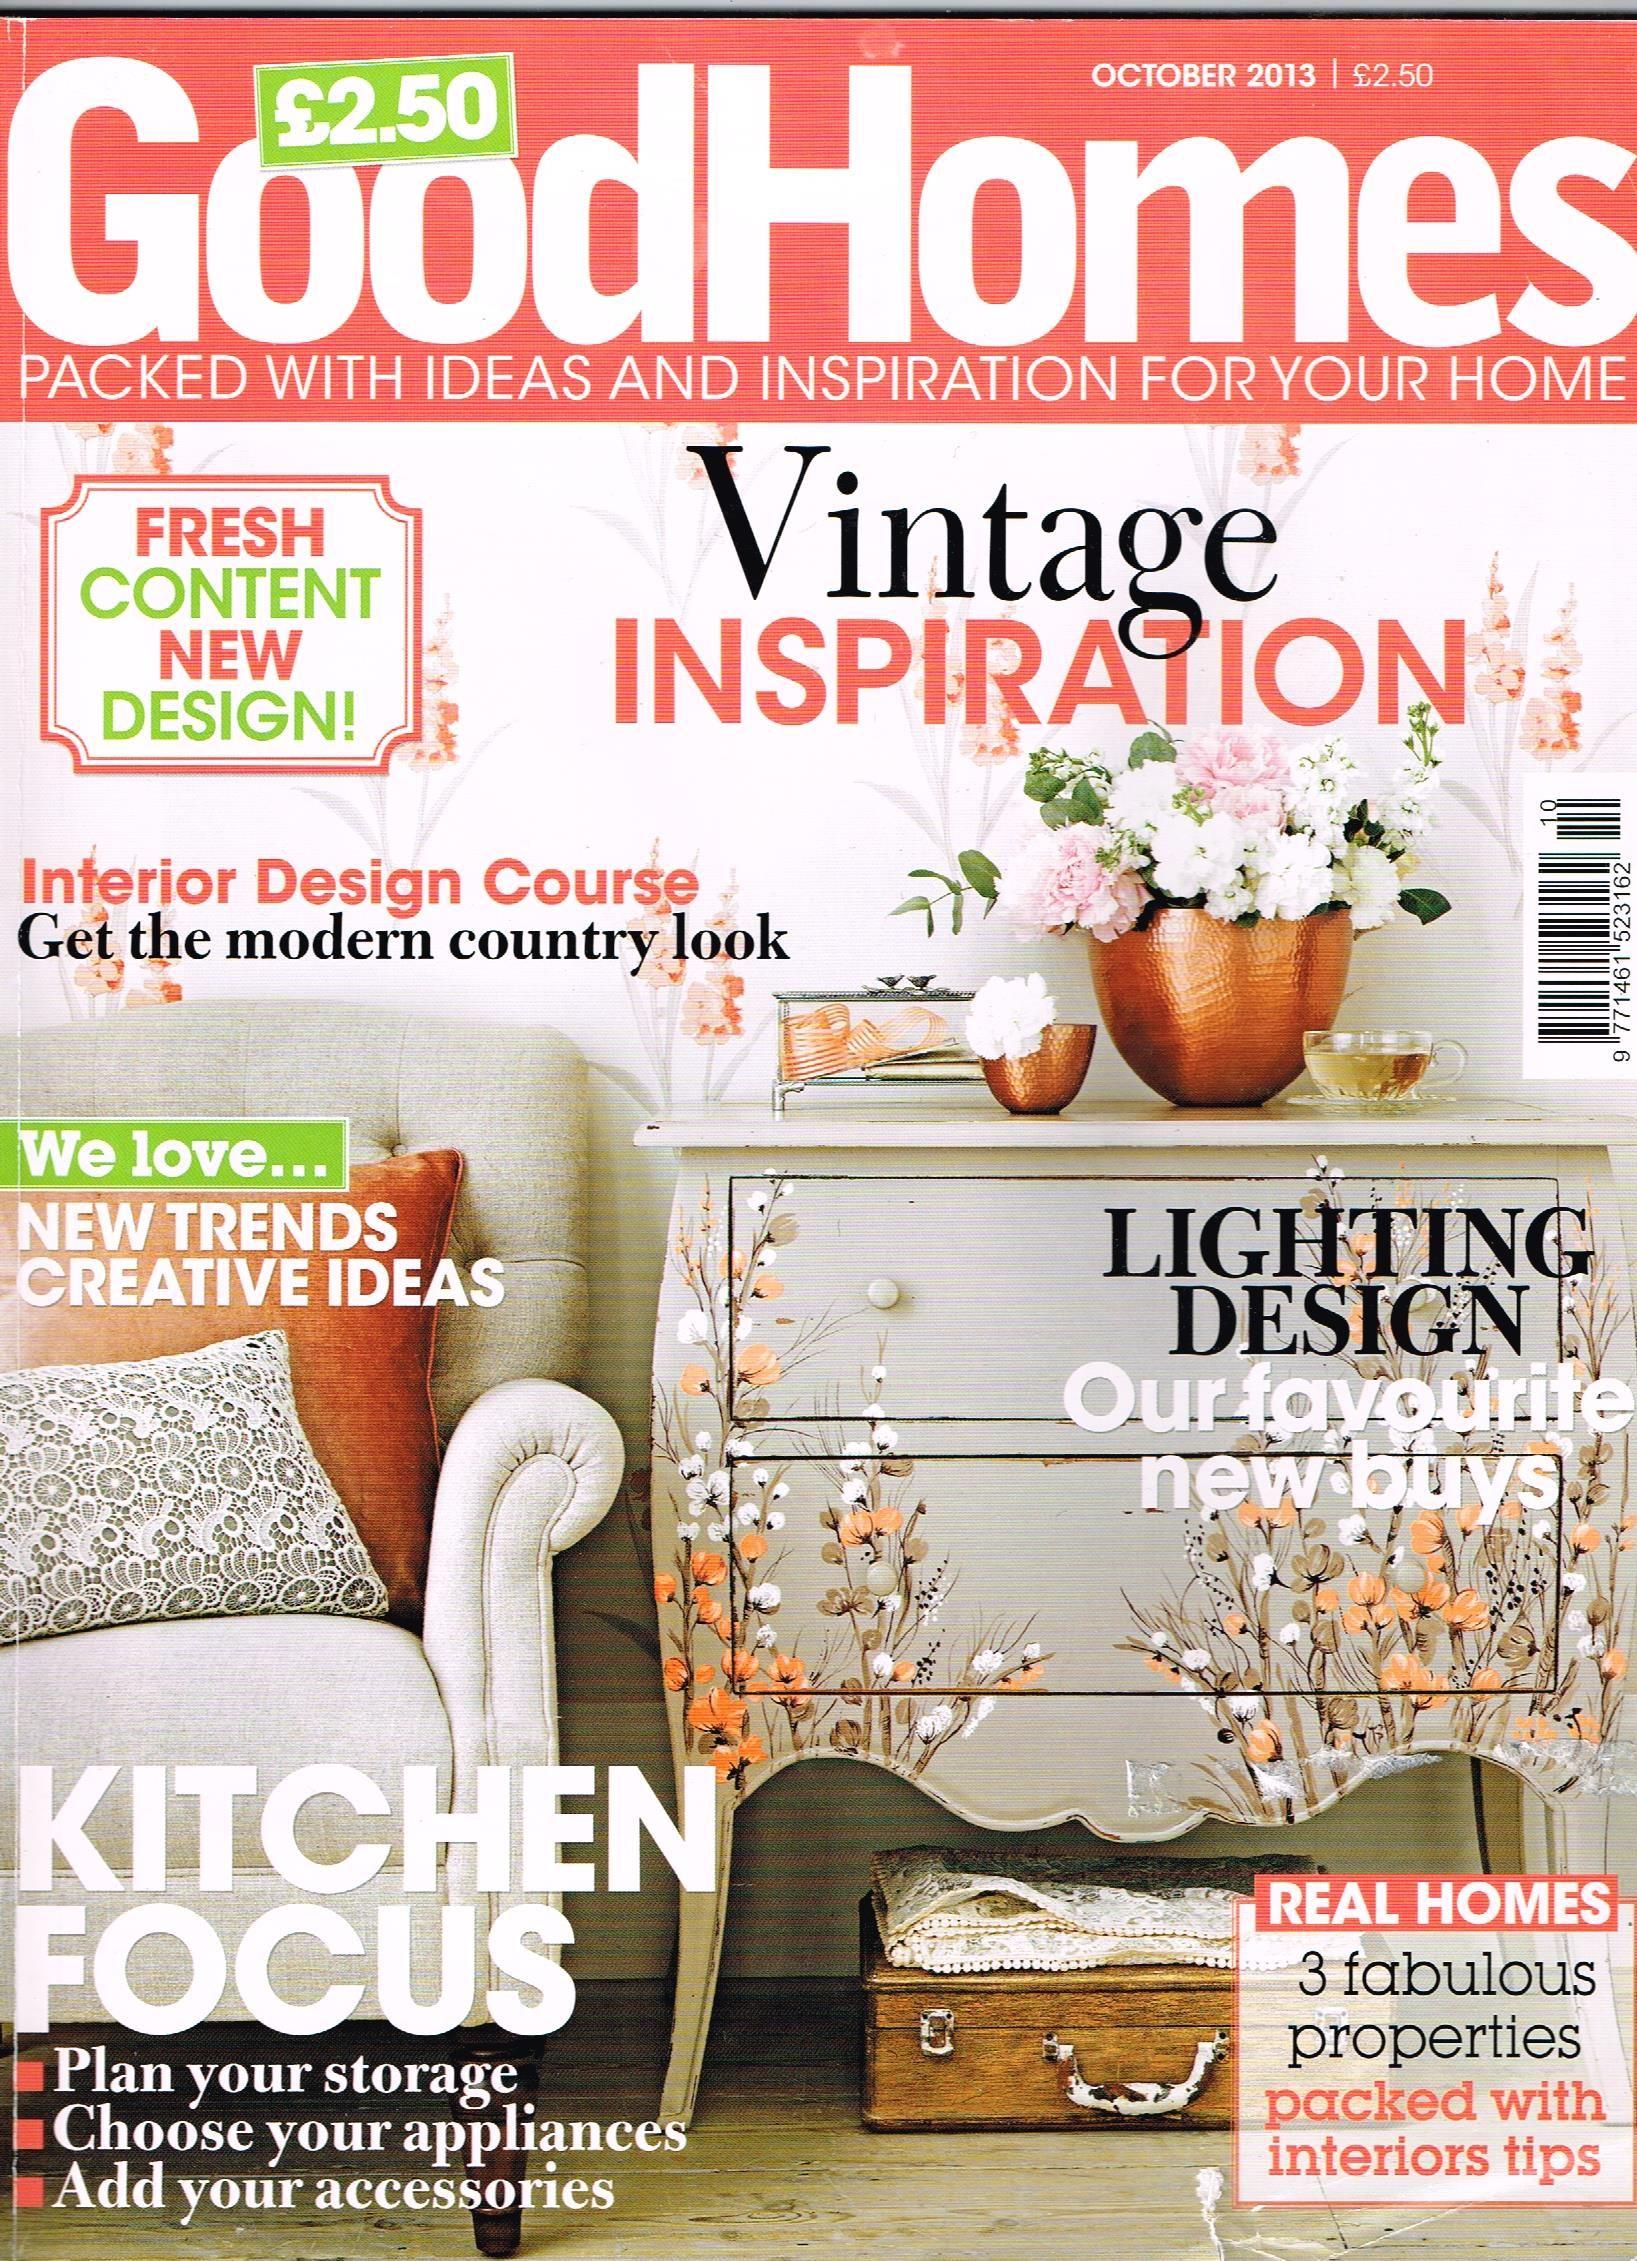 Home Decor Magazine U003eu003eu003e Find Out More At The Image Link.